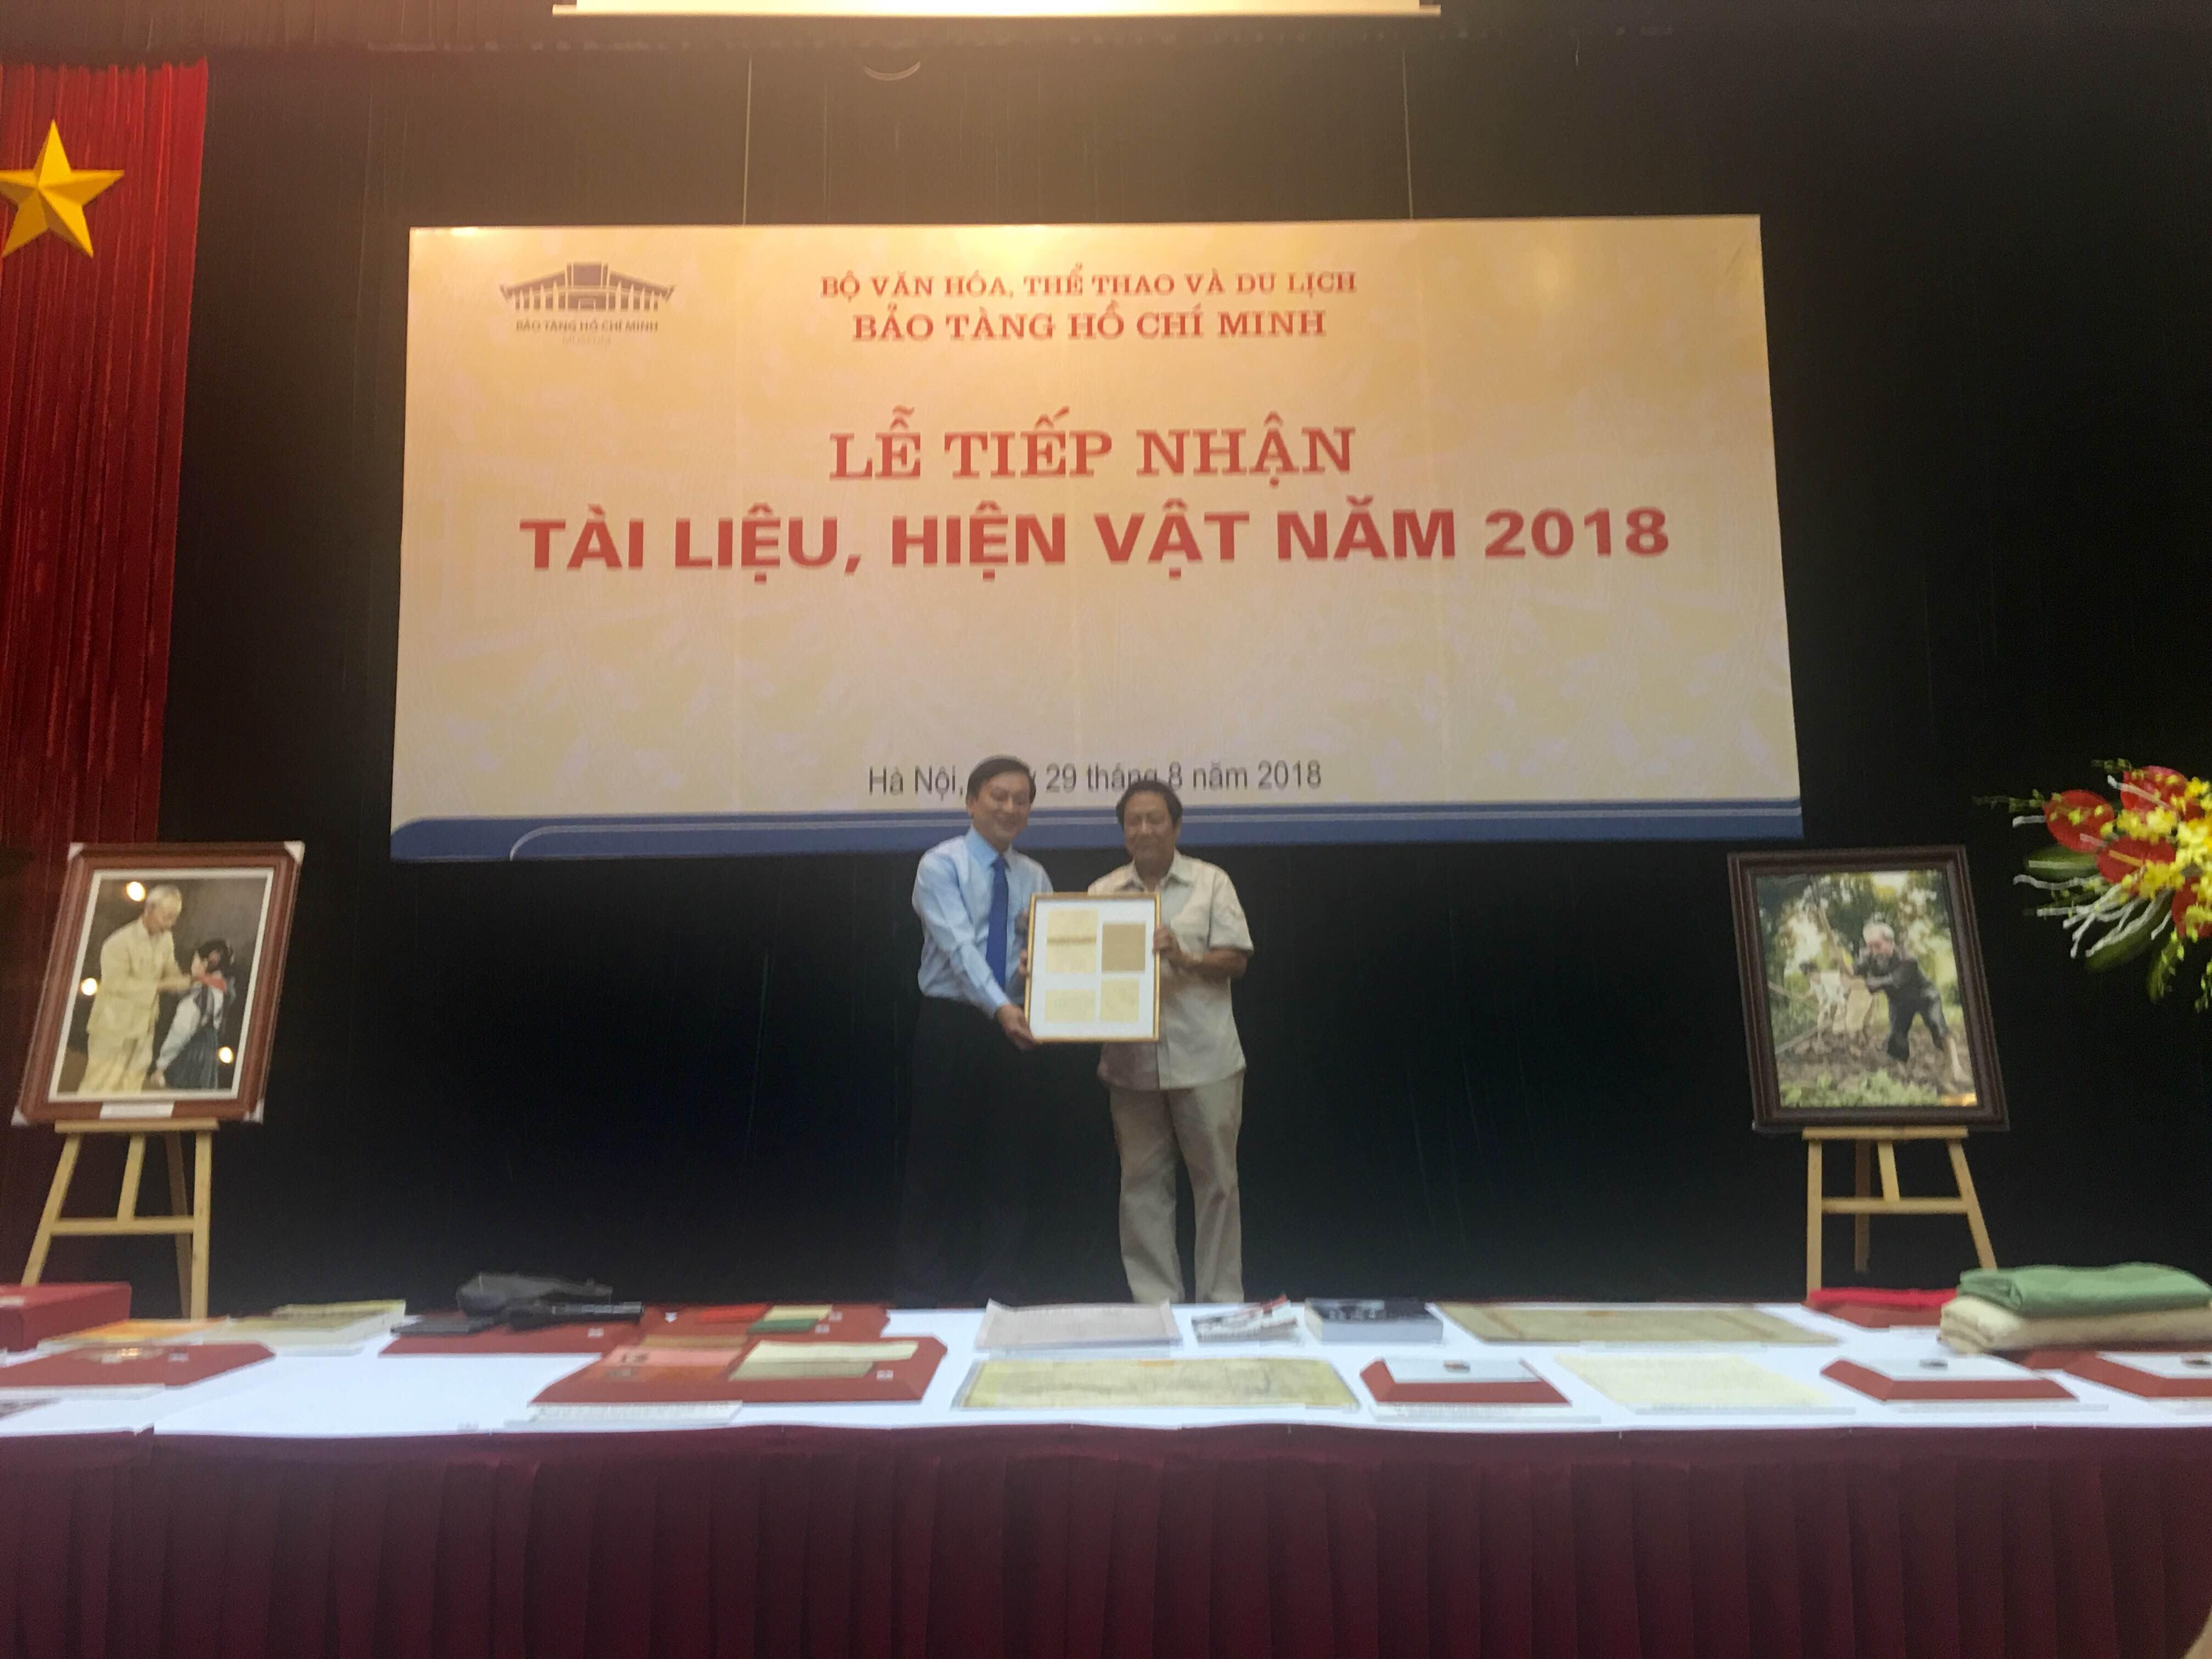 Bảo tàng Hồ Chí Minh tiếp nhận hơn 80 tài liệu, hiện vật về Bác